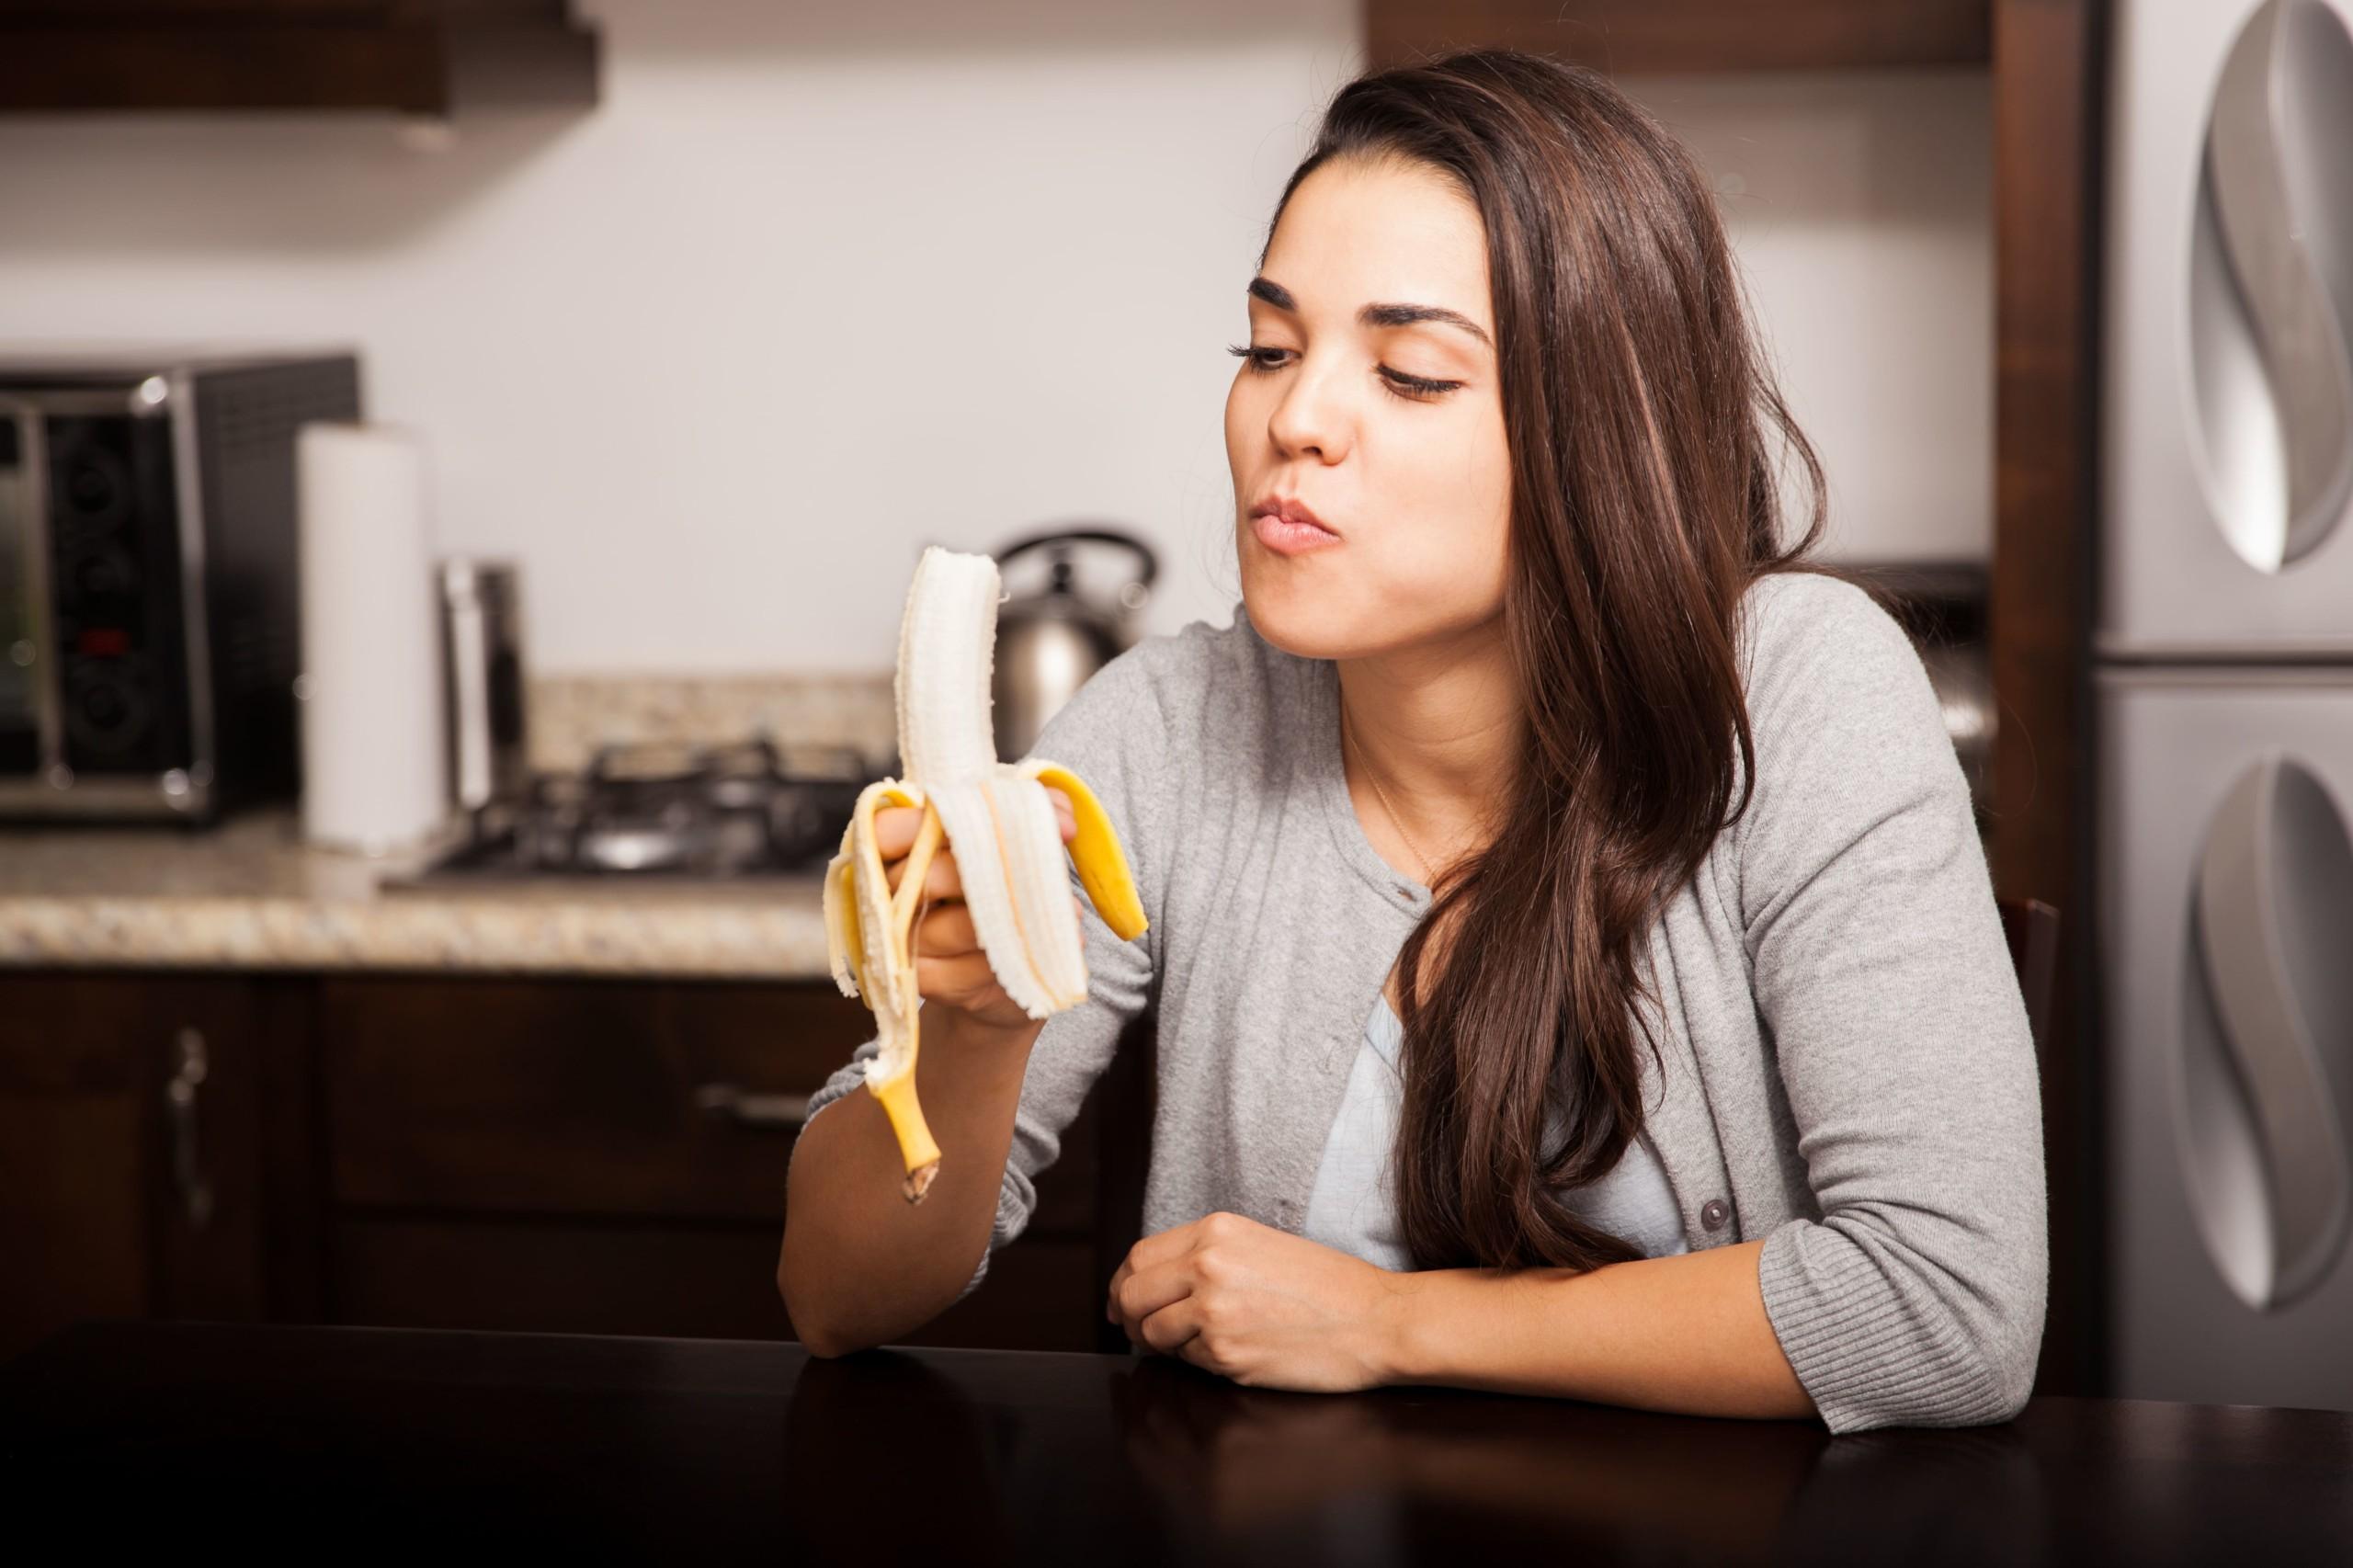 女性が台所でバナナを食べている